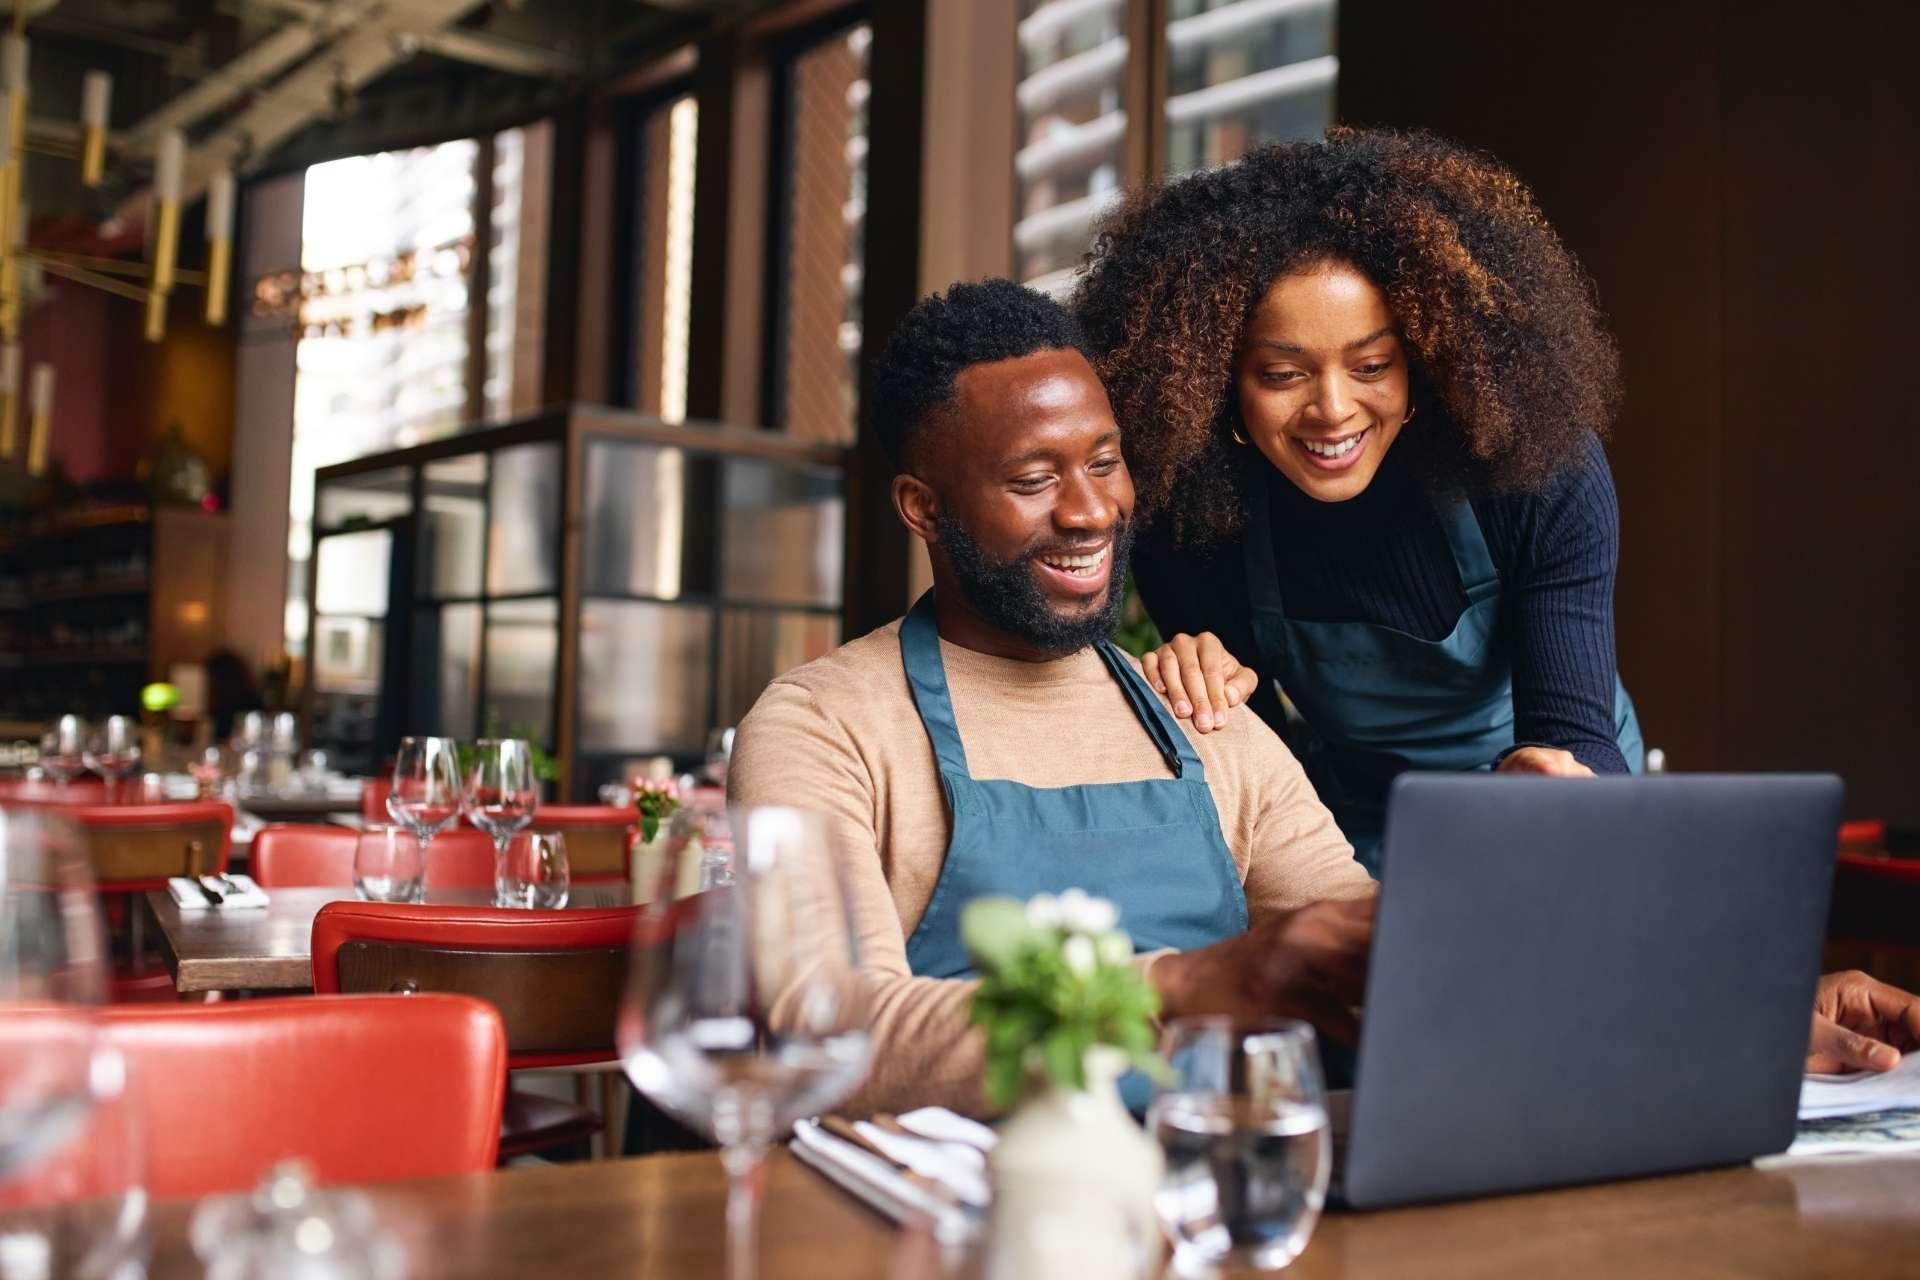 Imagem de pessoas trabalhando em um restaurante.